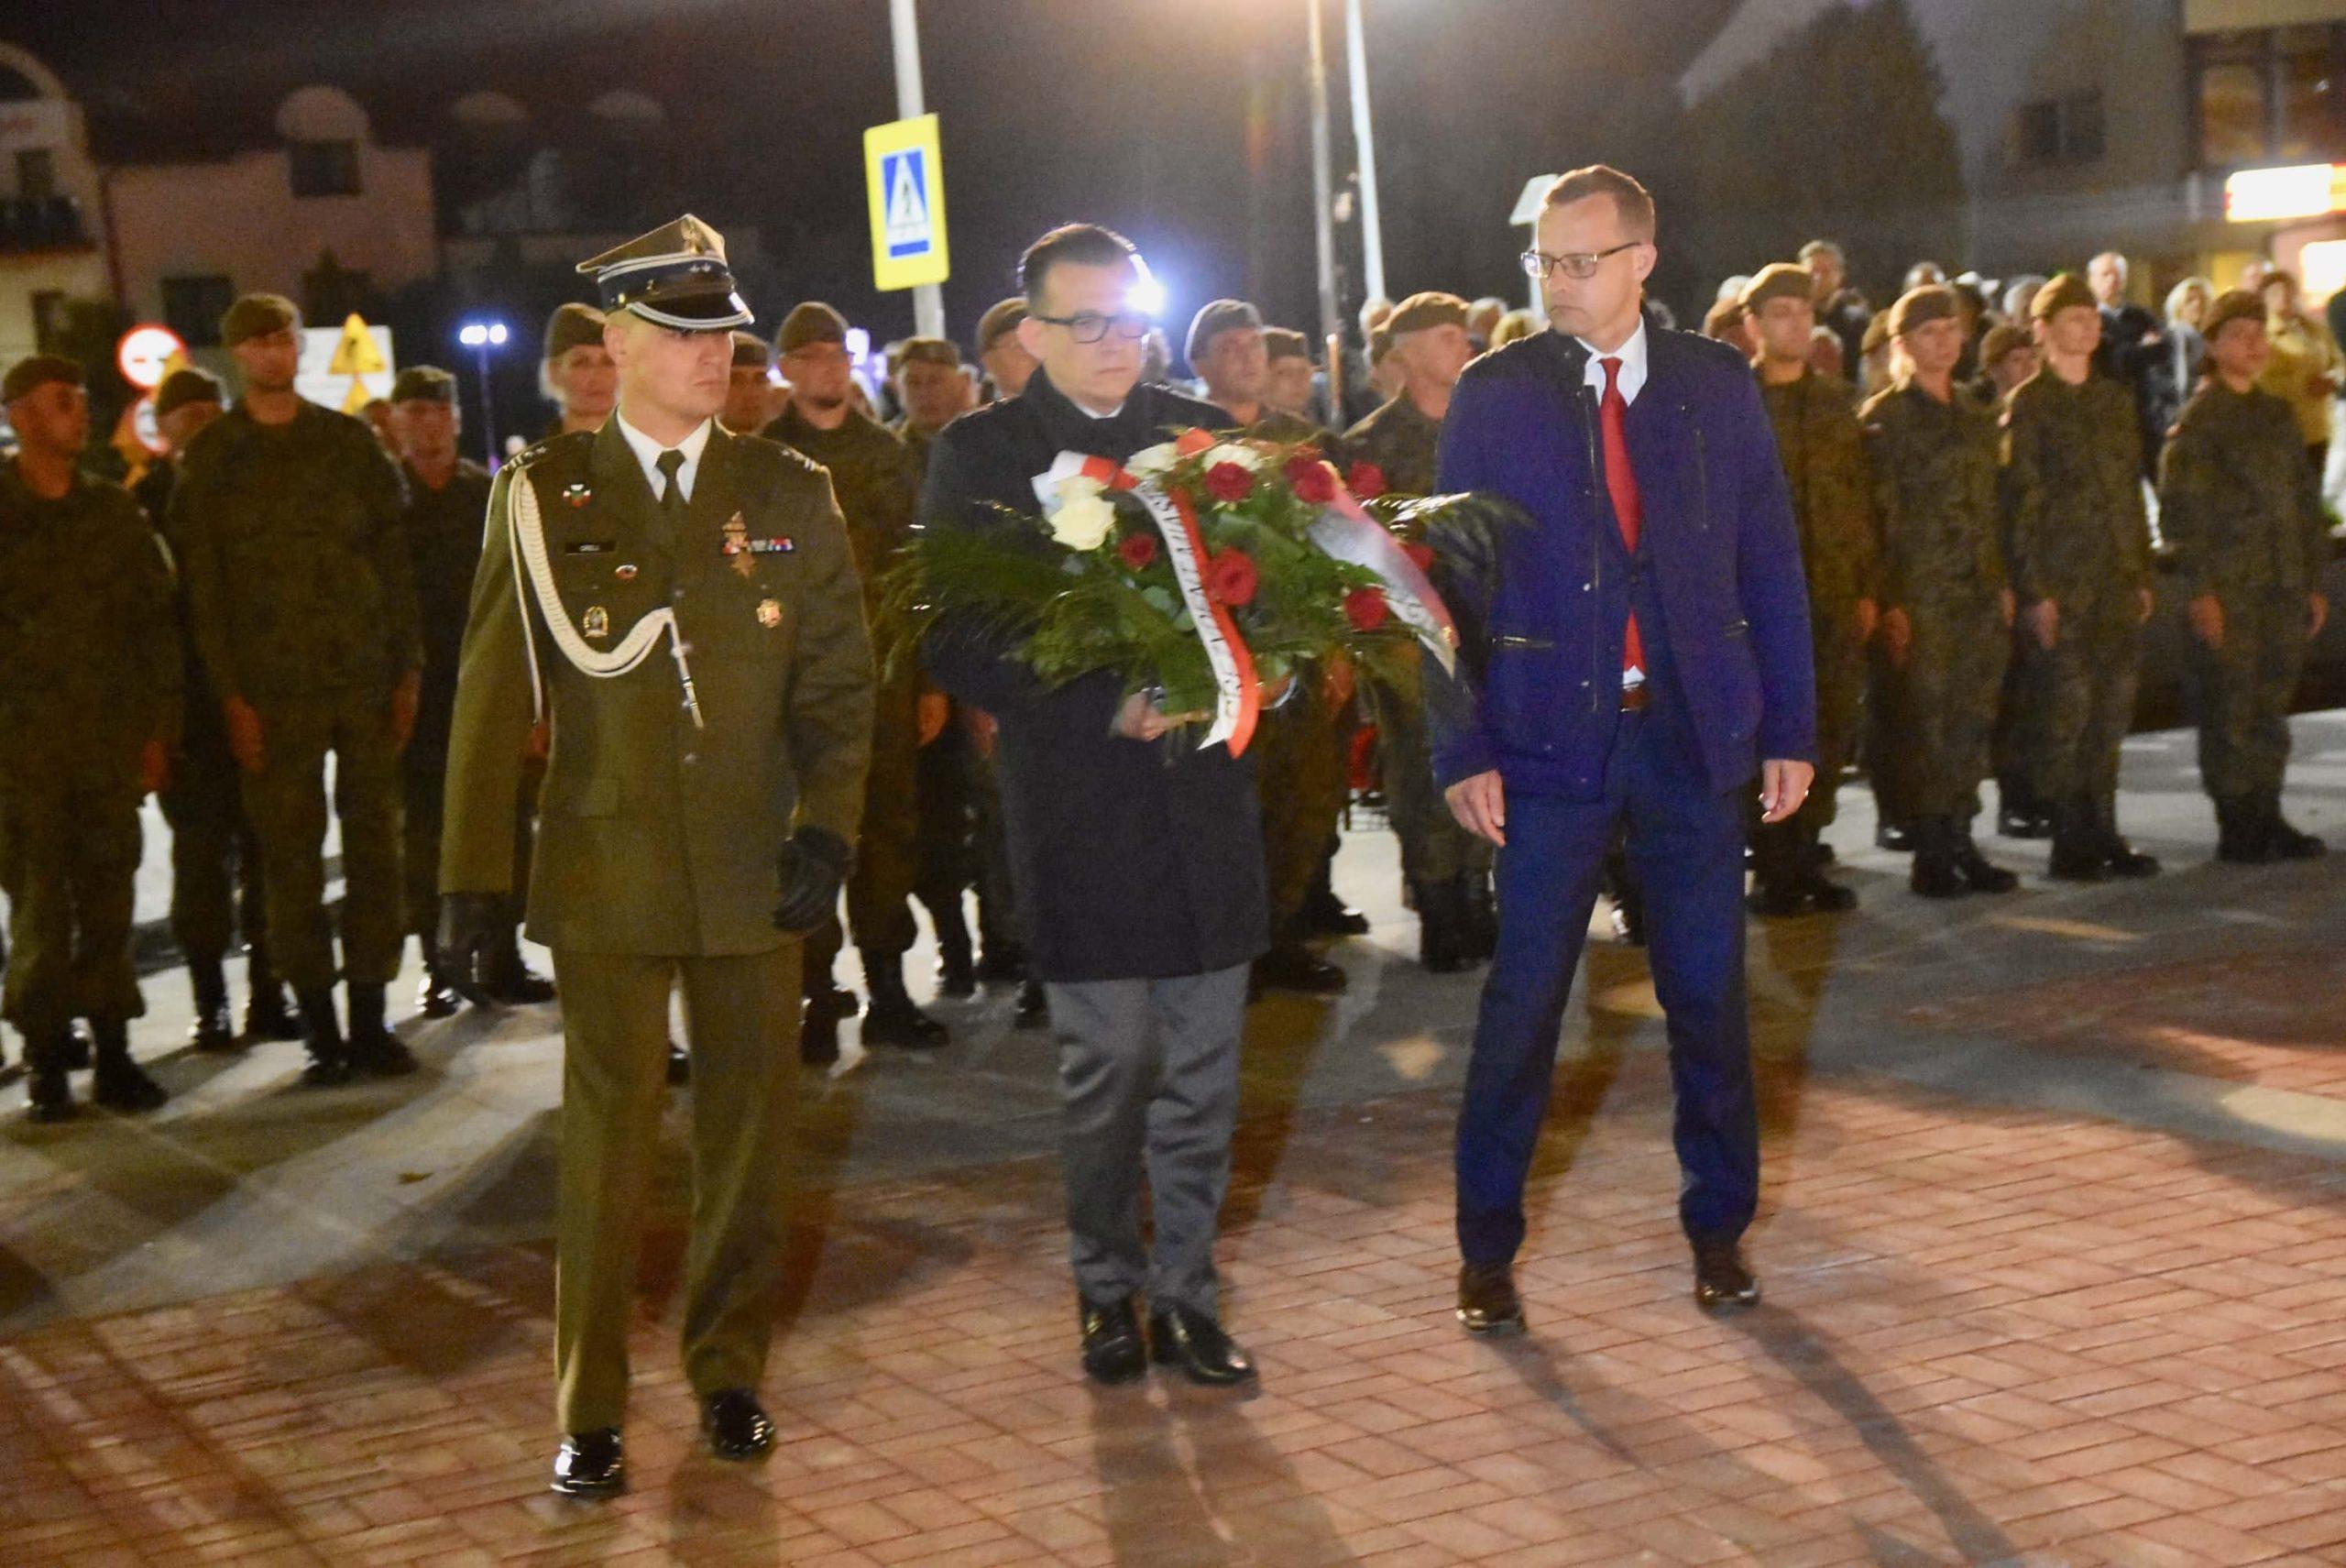 dsc 7742 1 scaled 80. rocznica agresji sowieckiej na Polskę - uroczystości w Zamościu